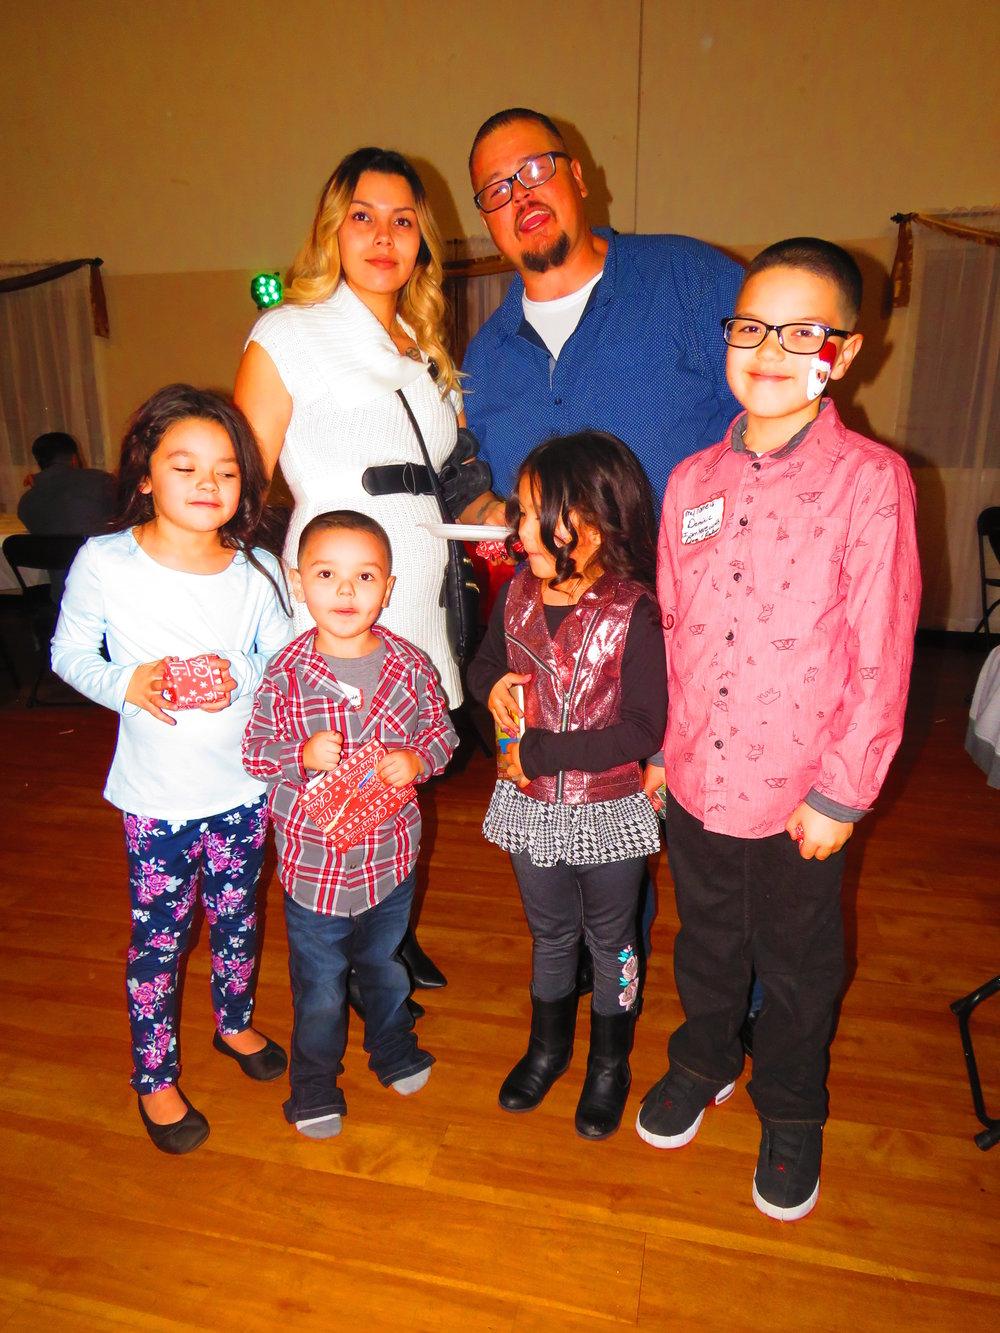 DOMINIC T & FAMILY.JPG